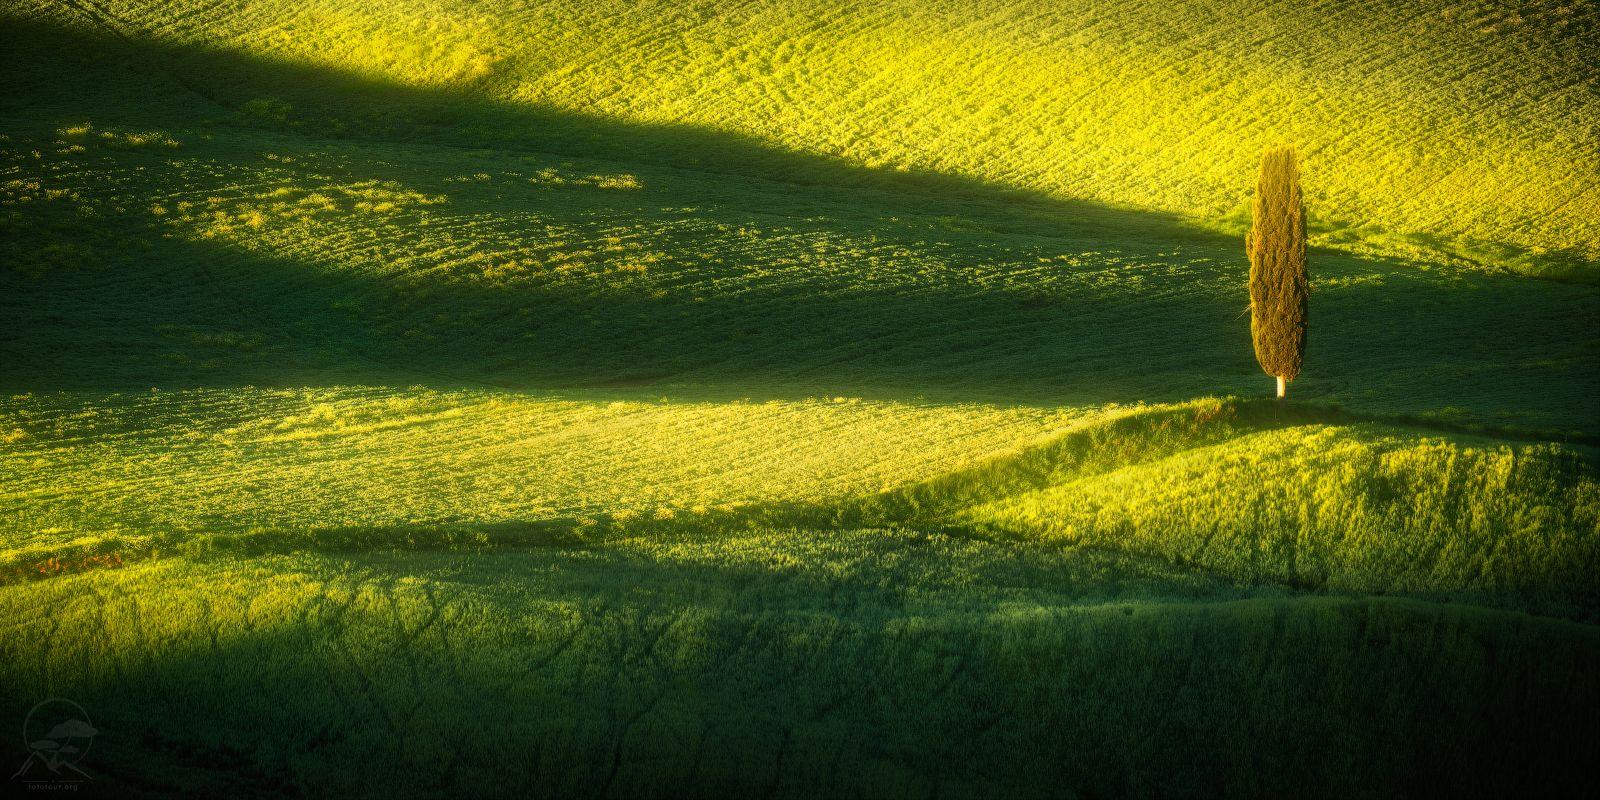 Из солнечной Тосканы привет пейзаж италия тоскана кипарис холмы весна